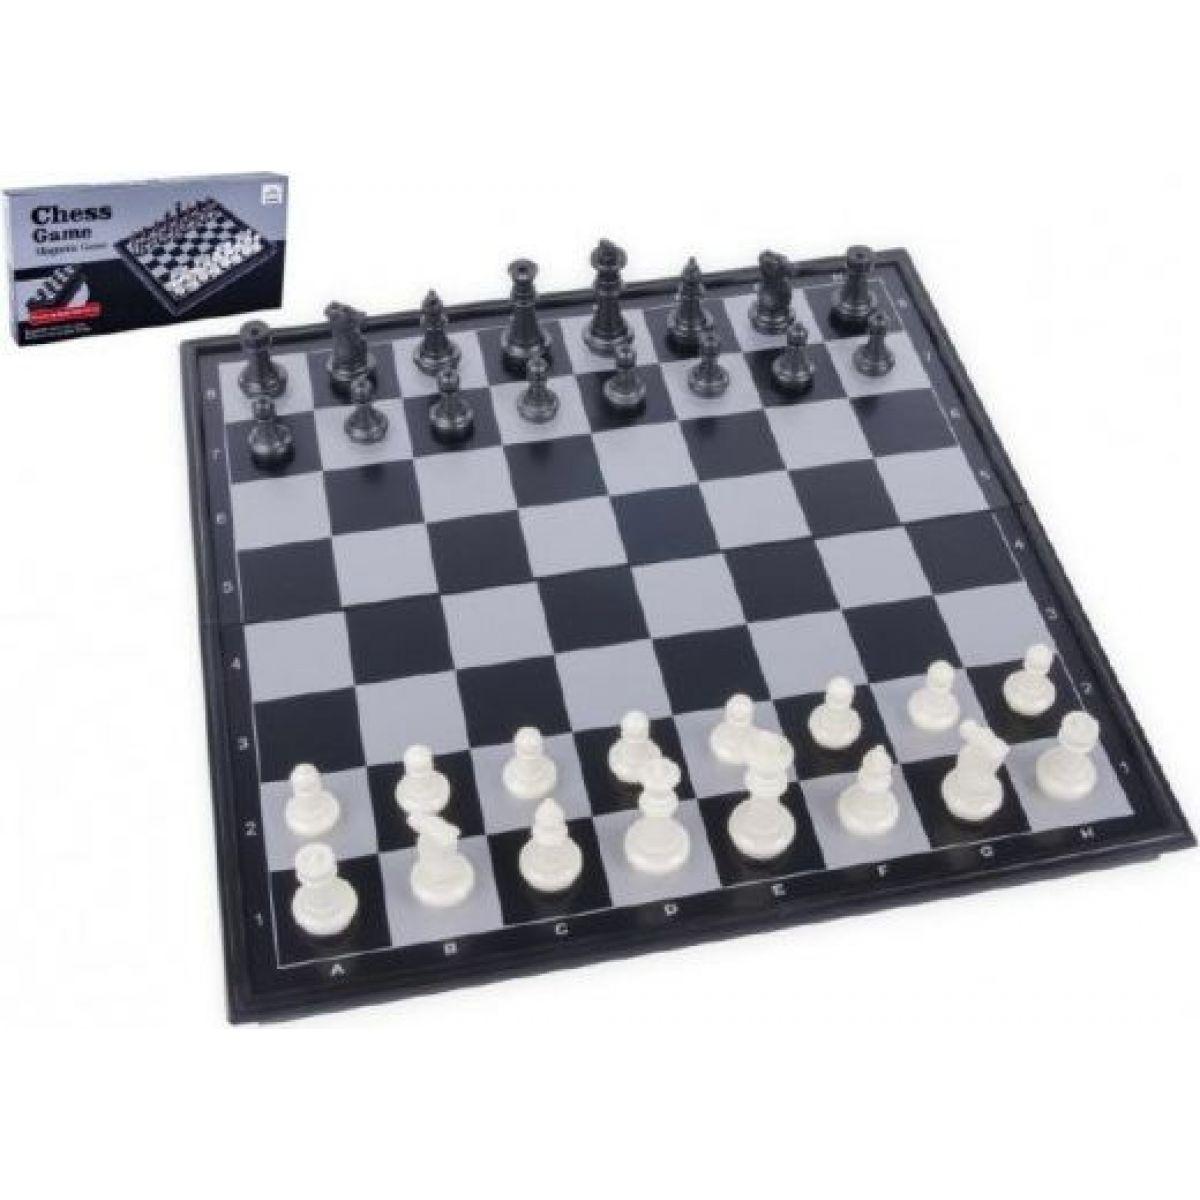 Velké magnetické šachy